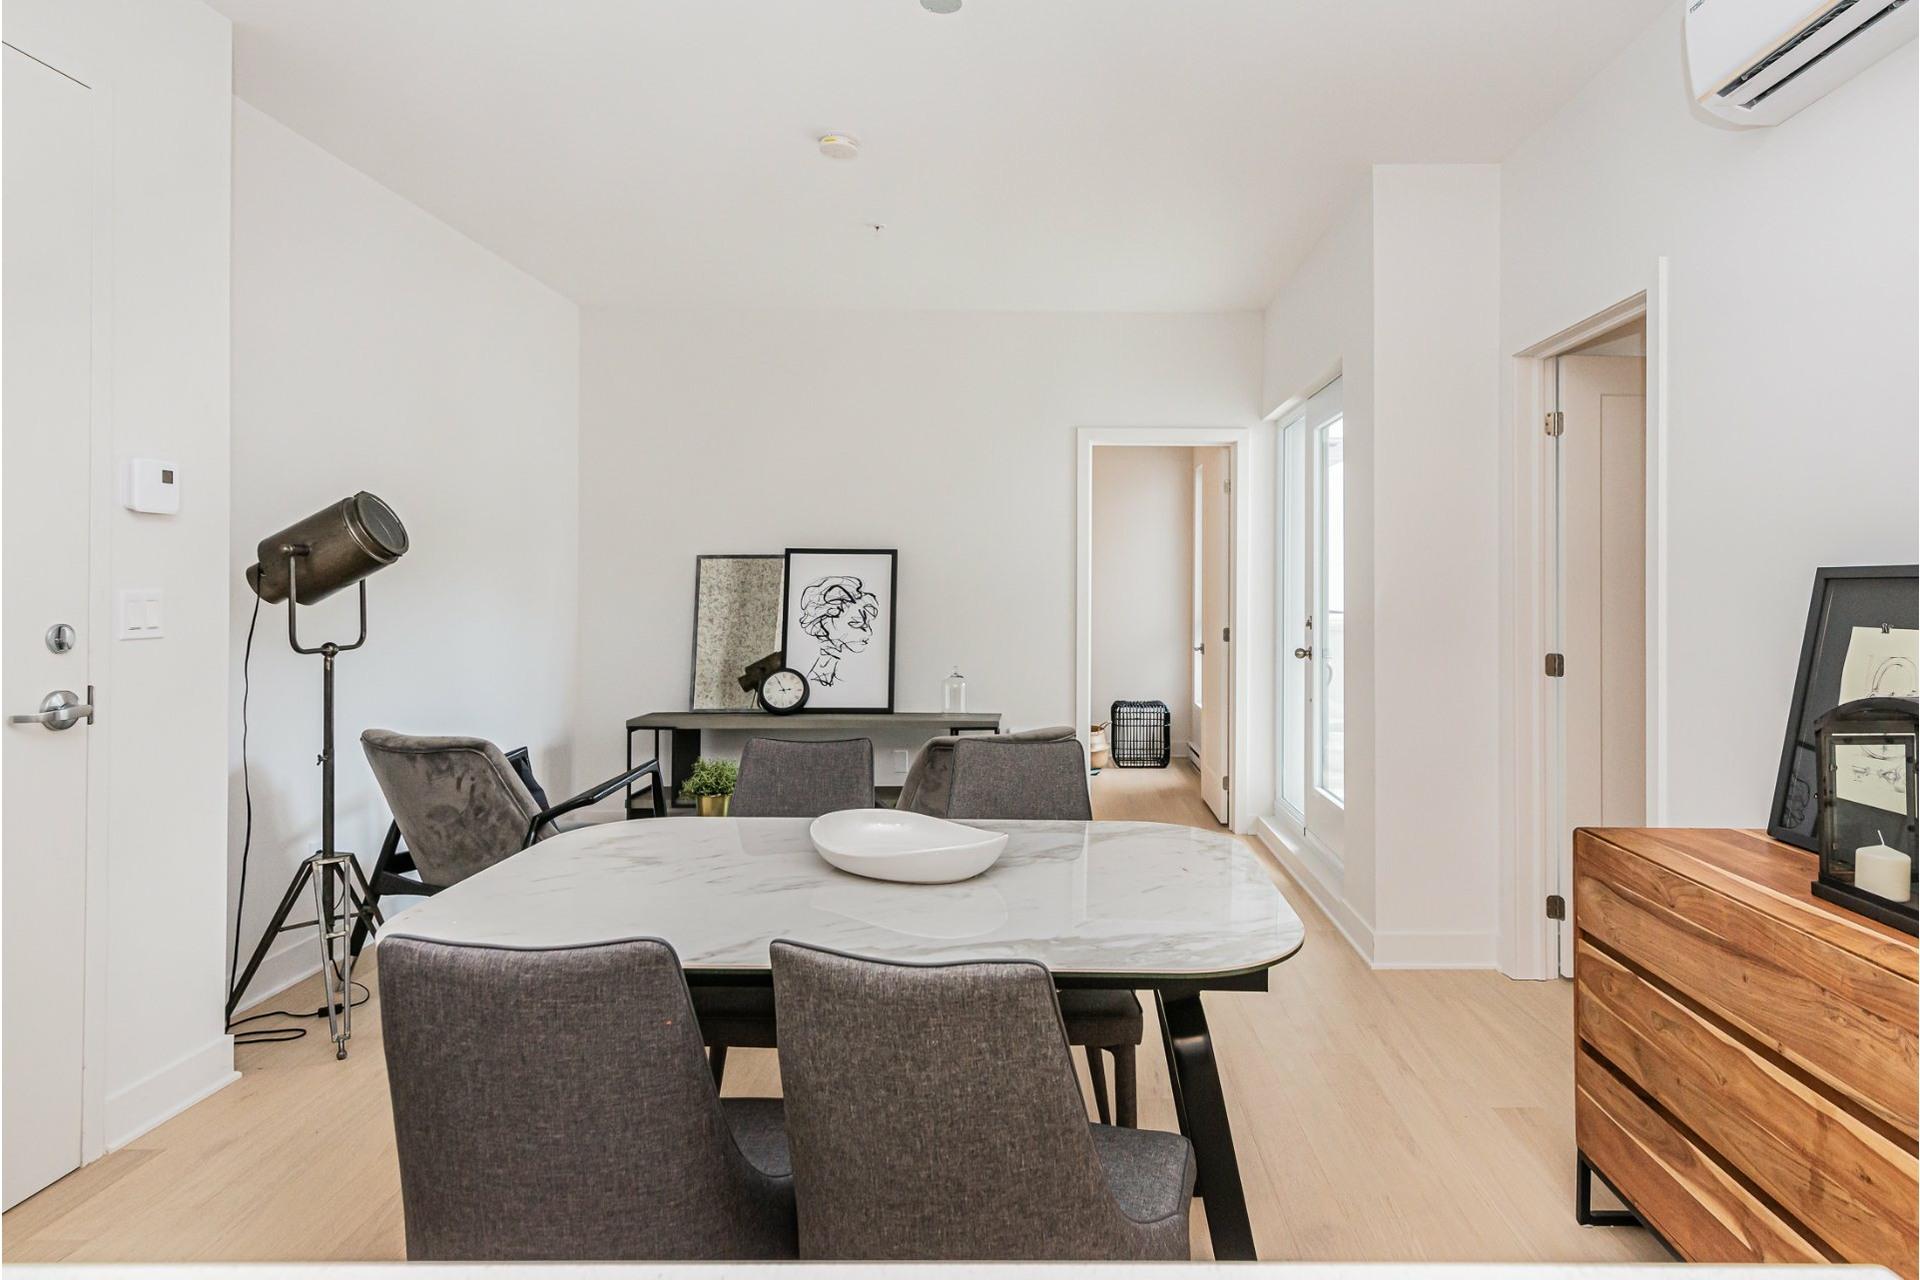 image 18 - Appartement À vendre Rosemont/La Petite-Patrie Montréal  - 5 pièces